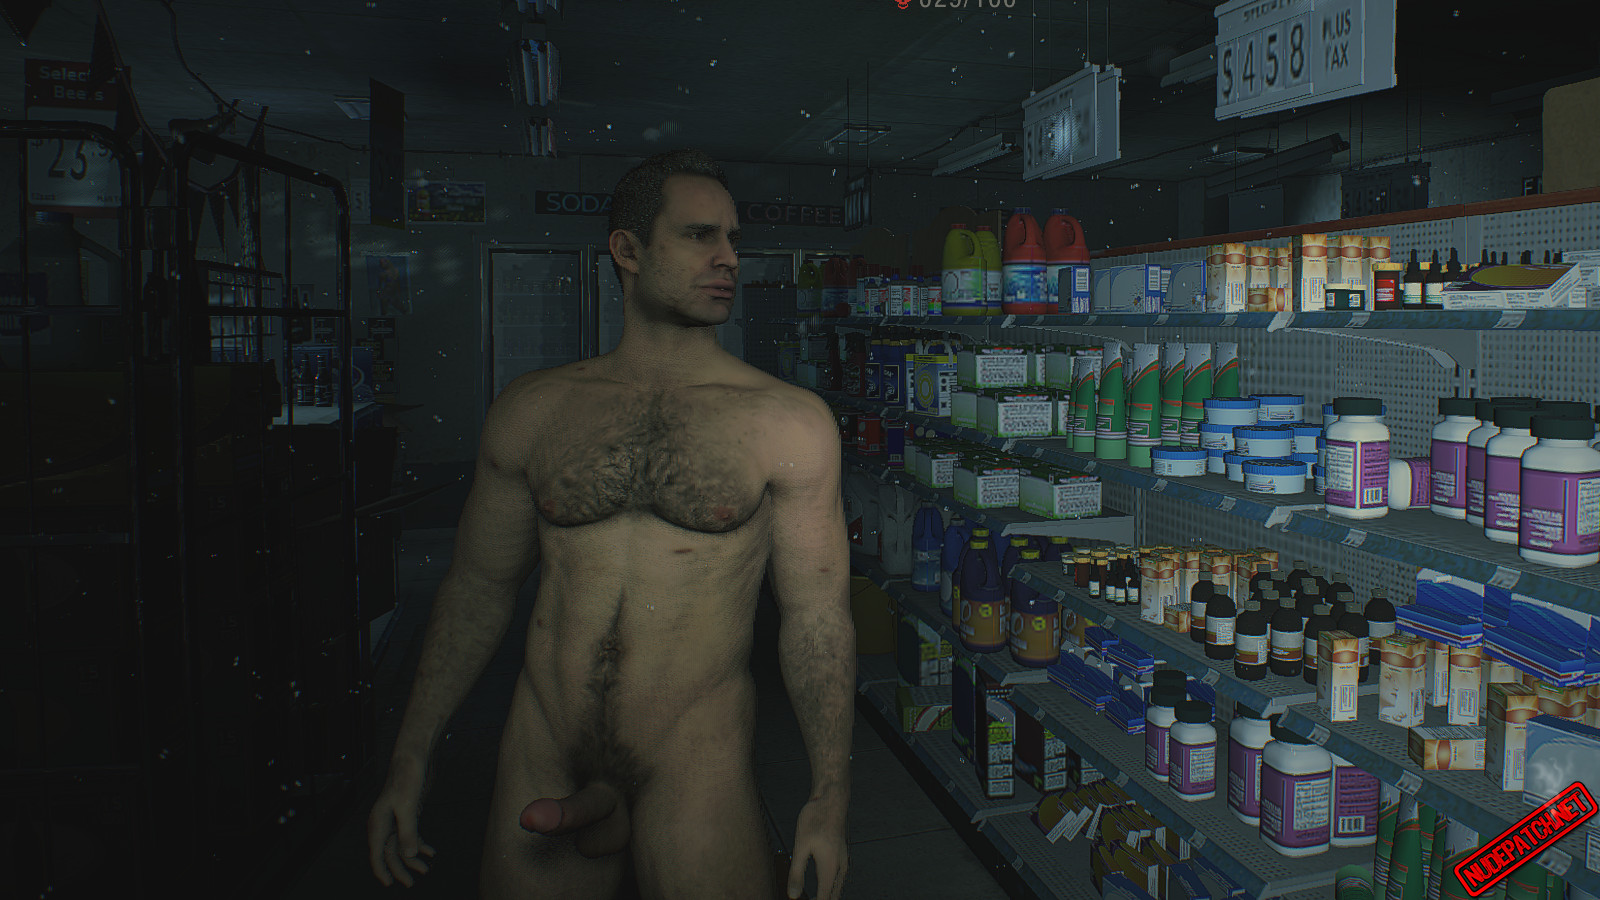 Mods de Resident Evil ponen a Leon, Carlos y Nemesis desnudos al frente